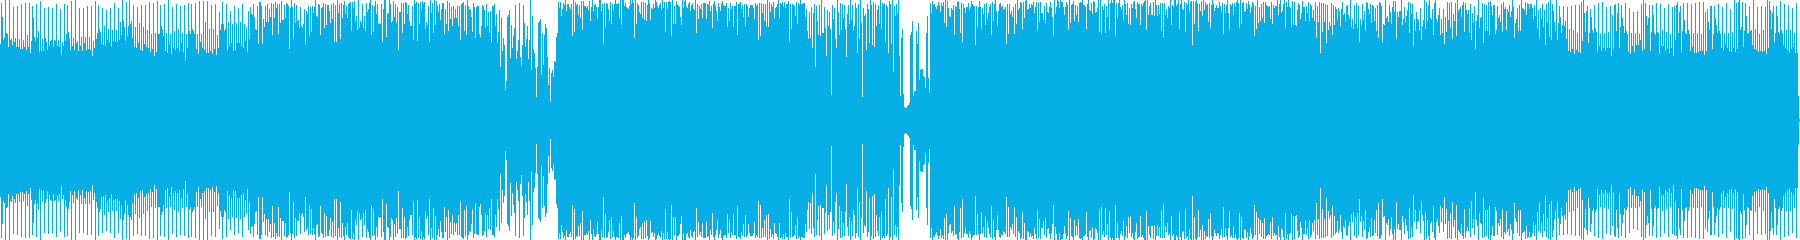 シンプル、反復、ループの再生済みの波形